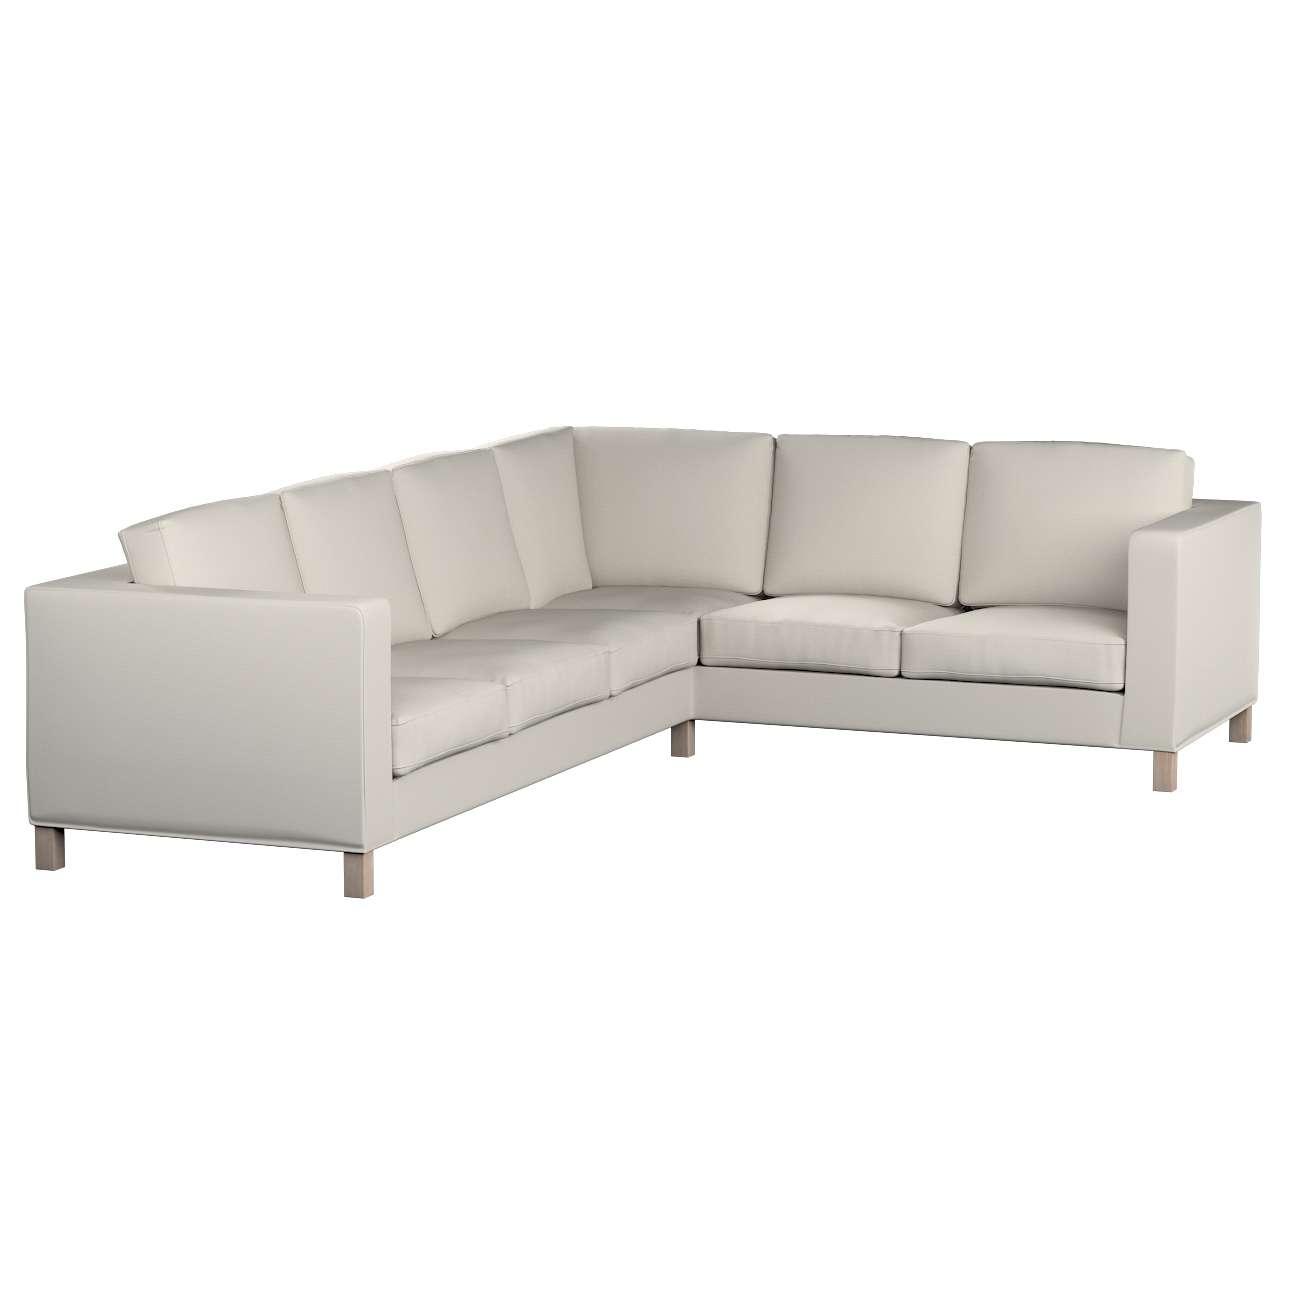 Pokrowiec na sofę narożną lewostronną Karlanda w kolekcji Cotton Panama, tkanina: 702-31